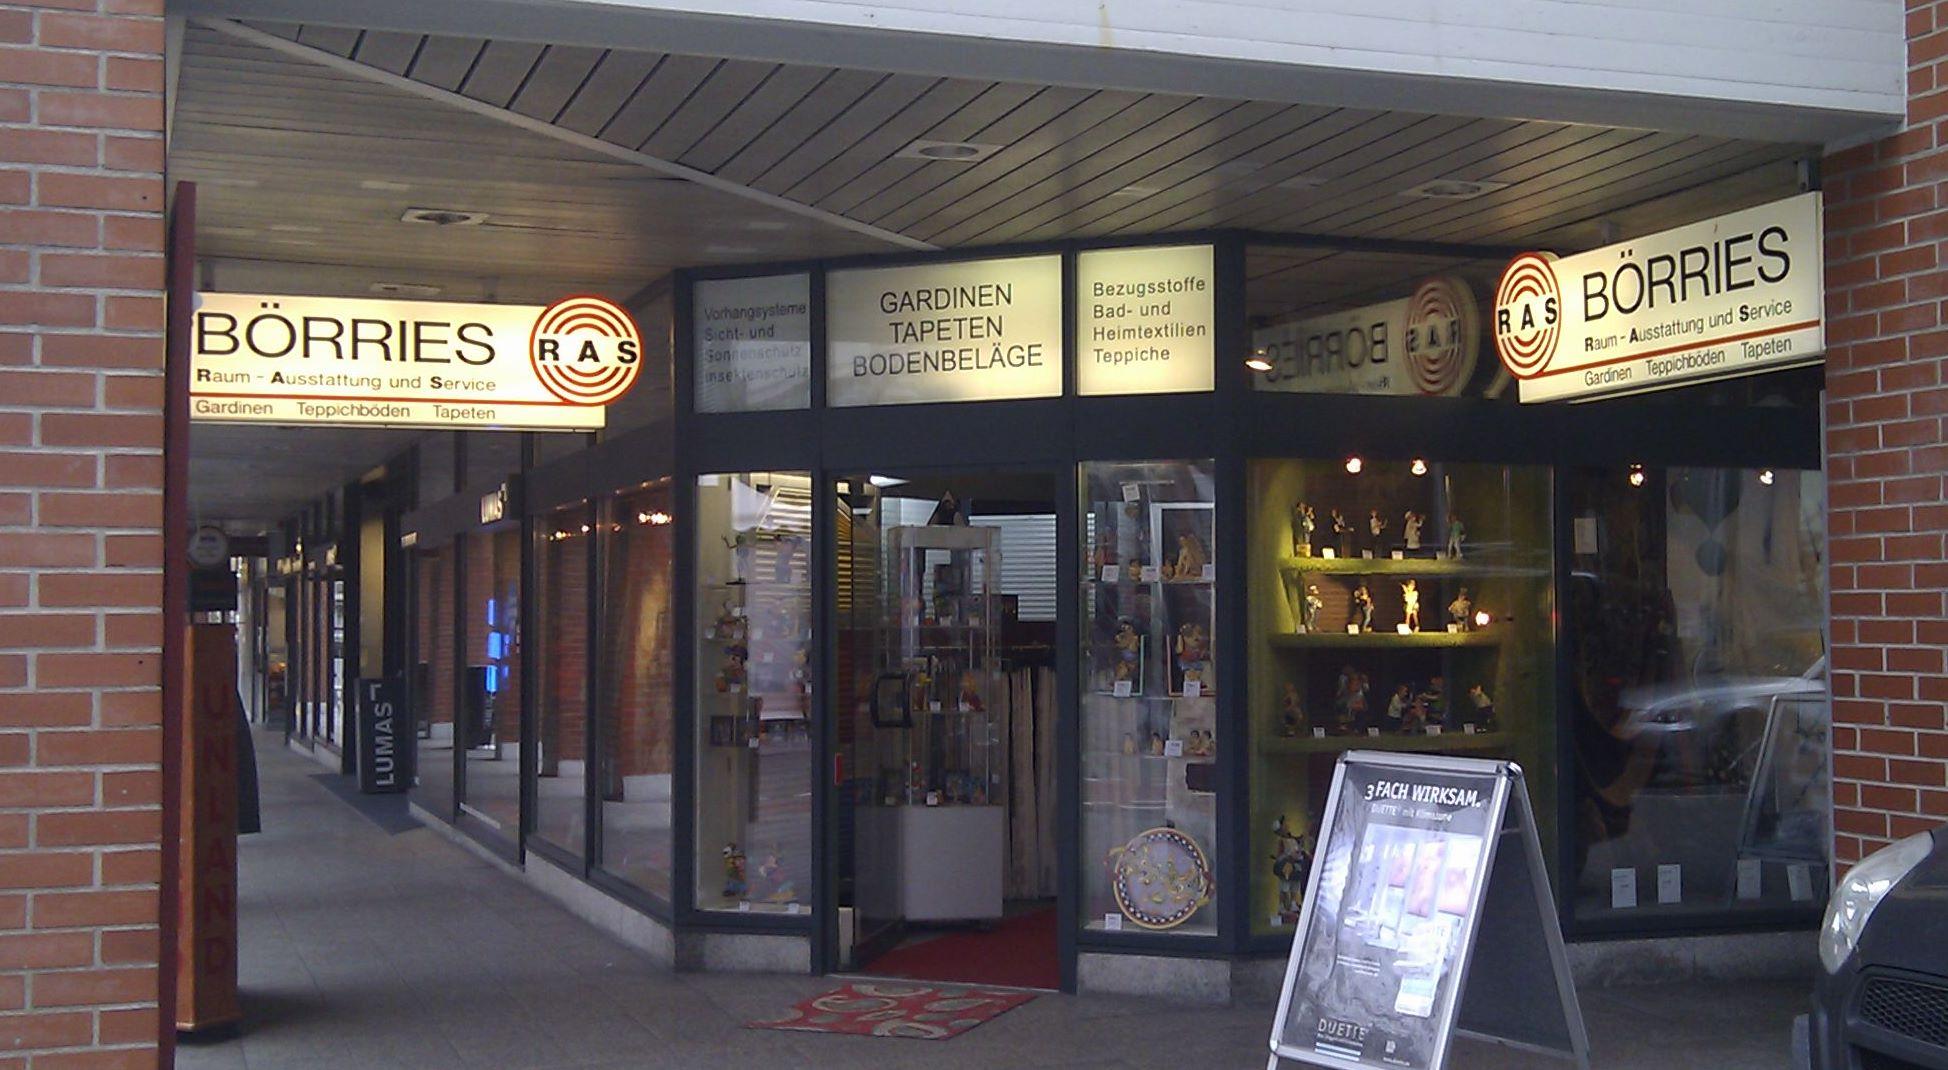 Raumausstatter Mannheim file börries raumausstattung mannheim n6 jpg wikimedia commons